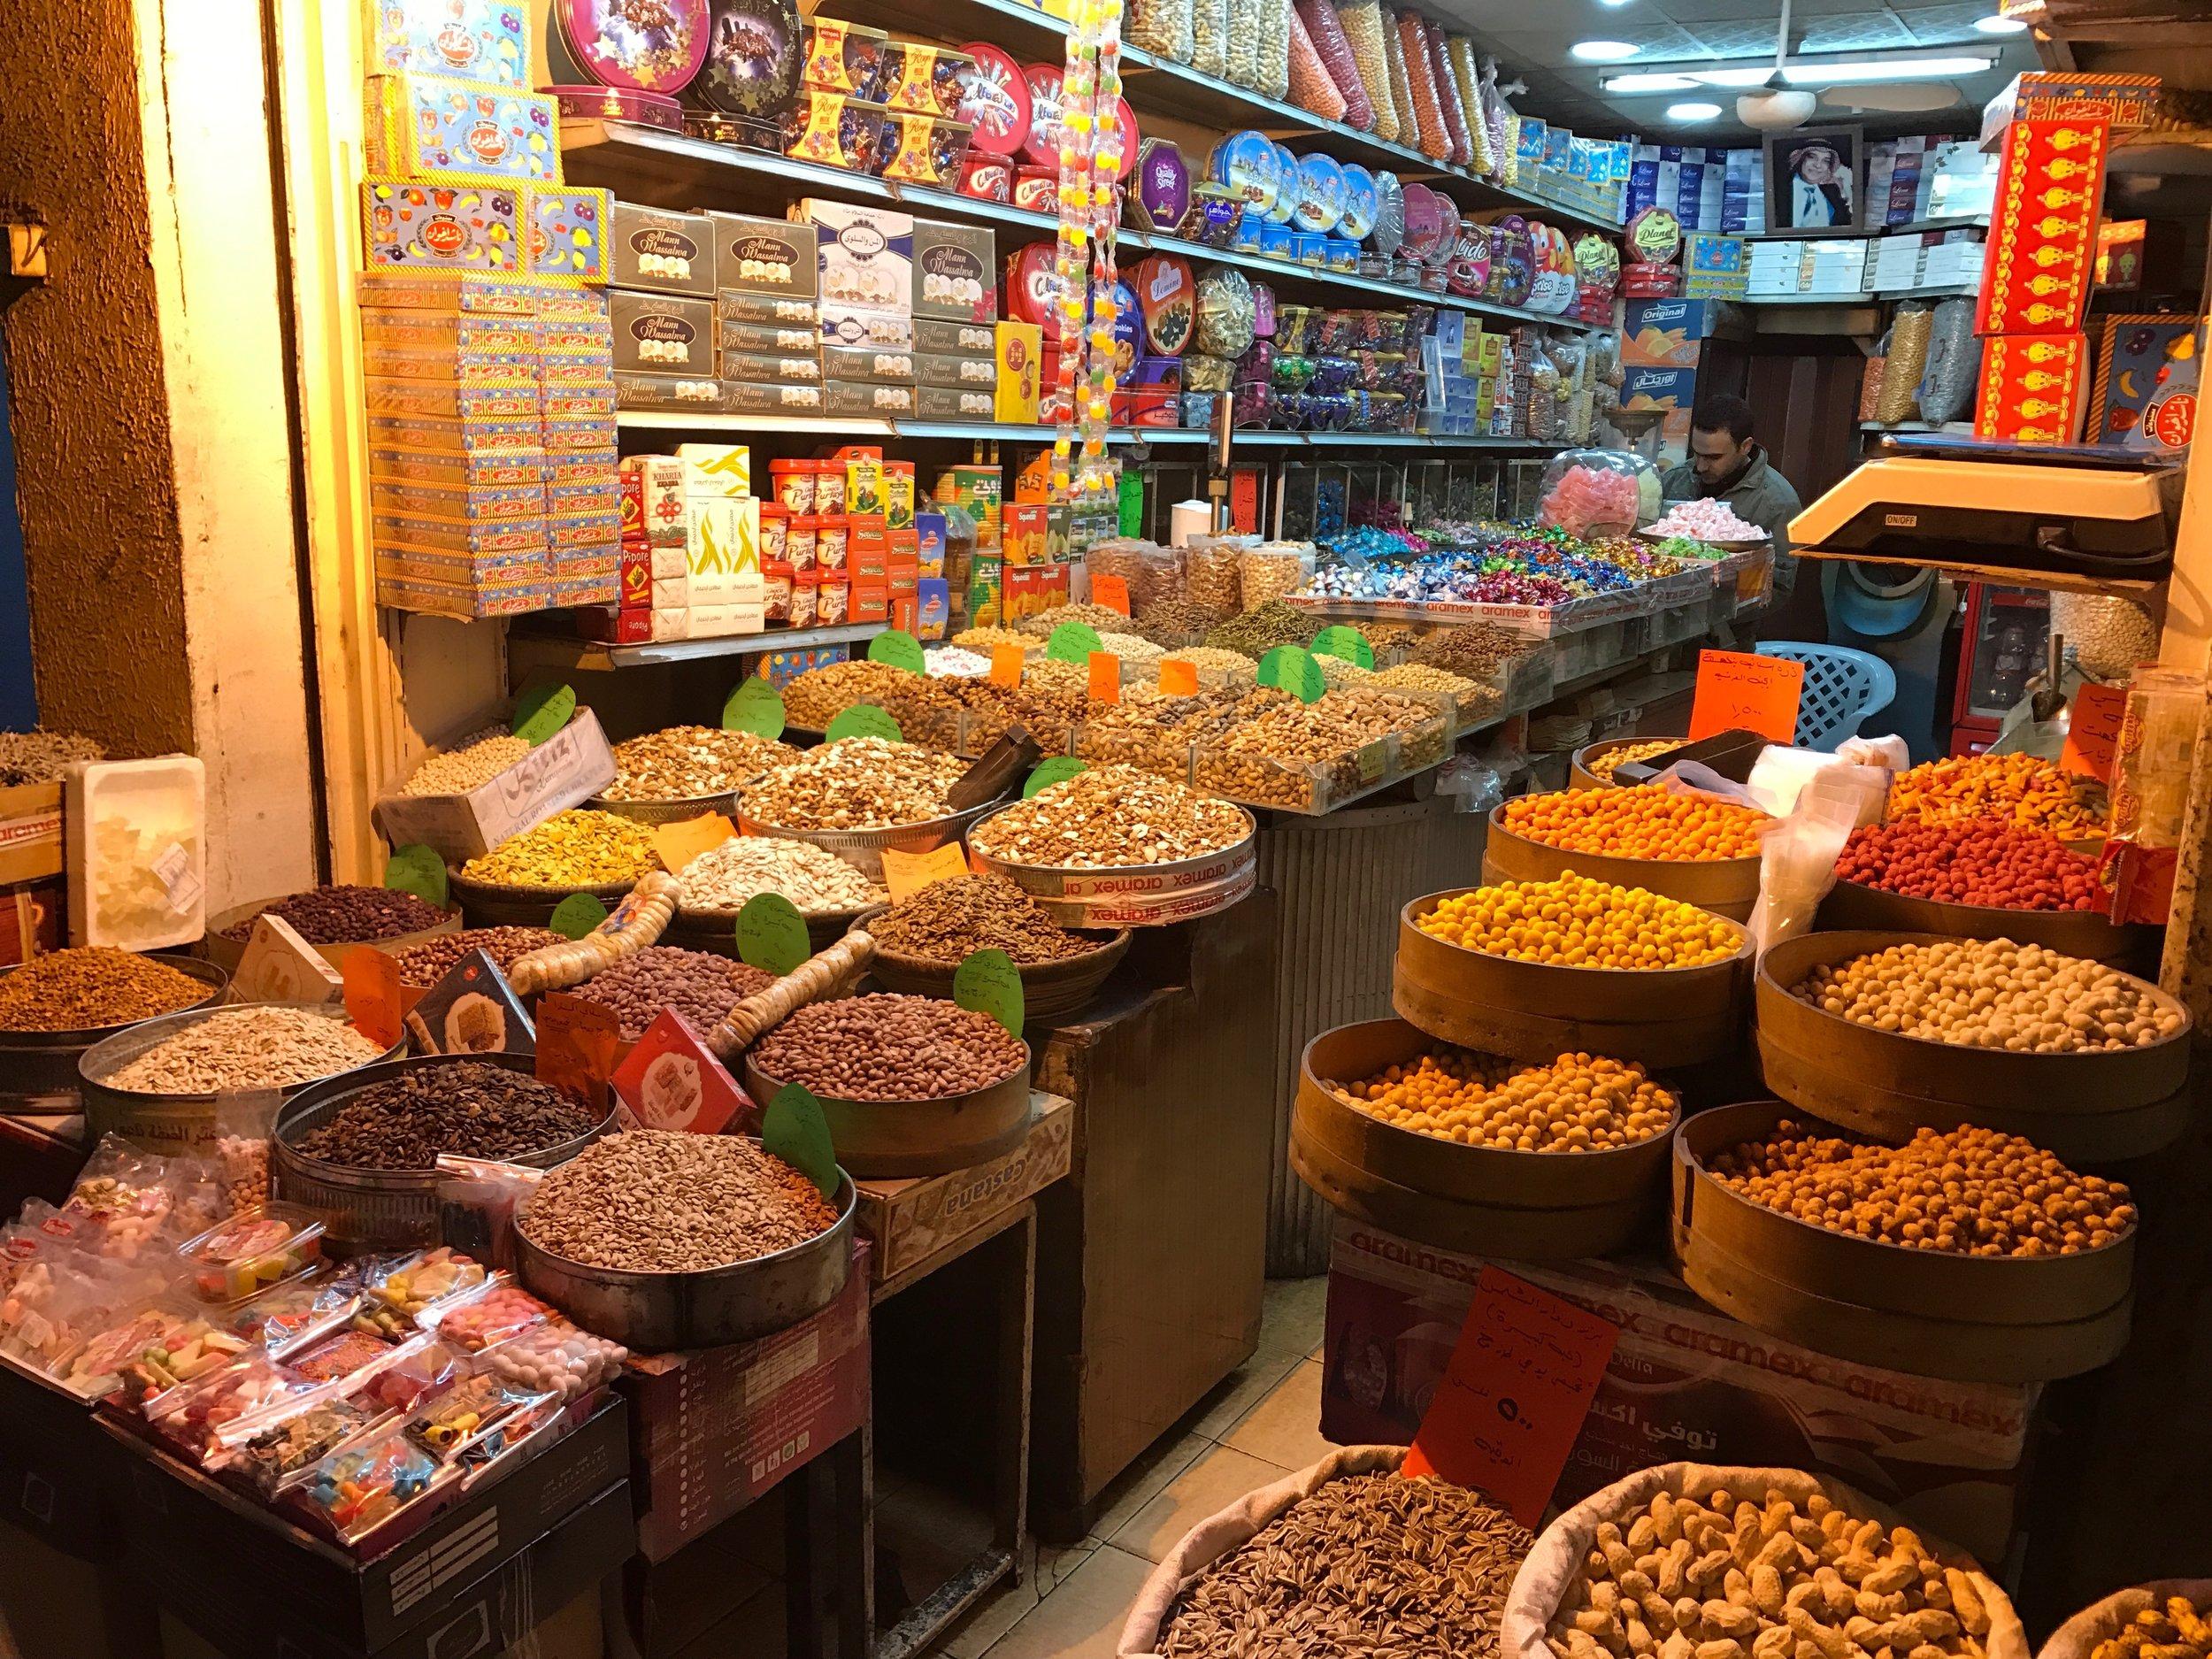 Food market in Amman